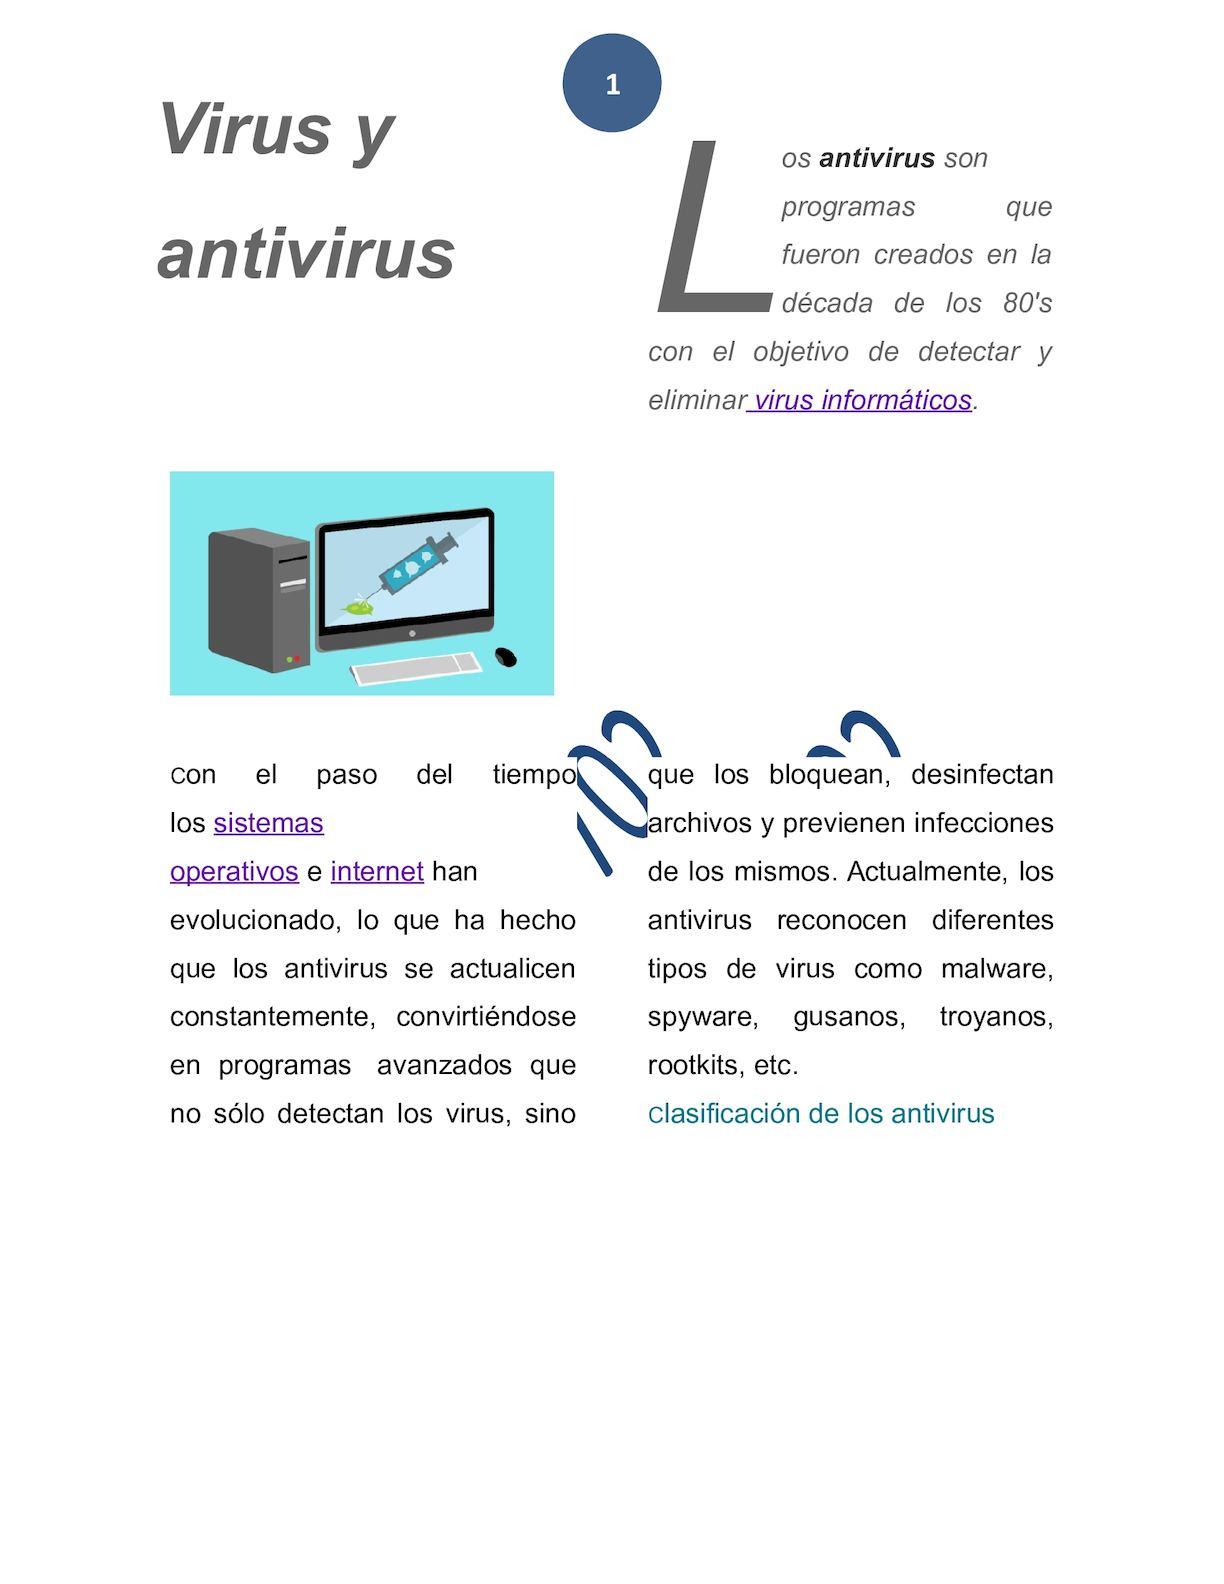 como han evolucionado los virus informaticos